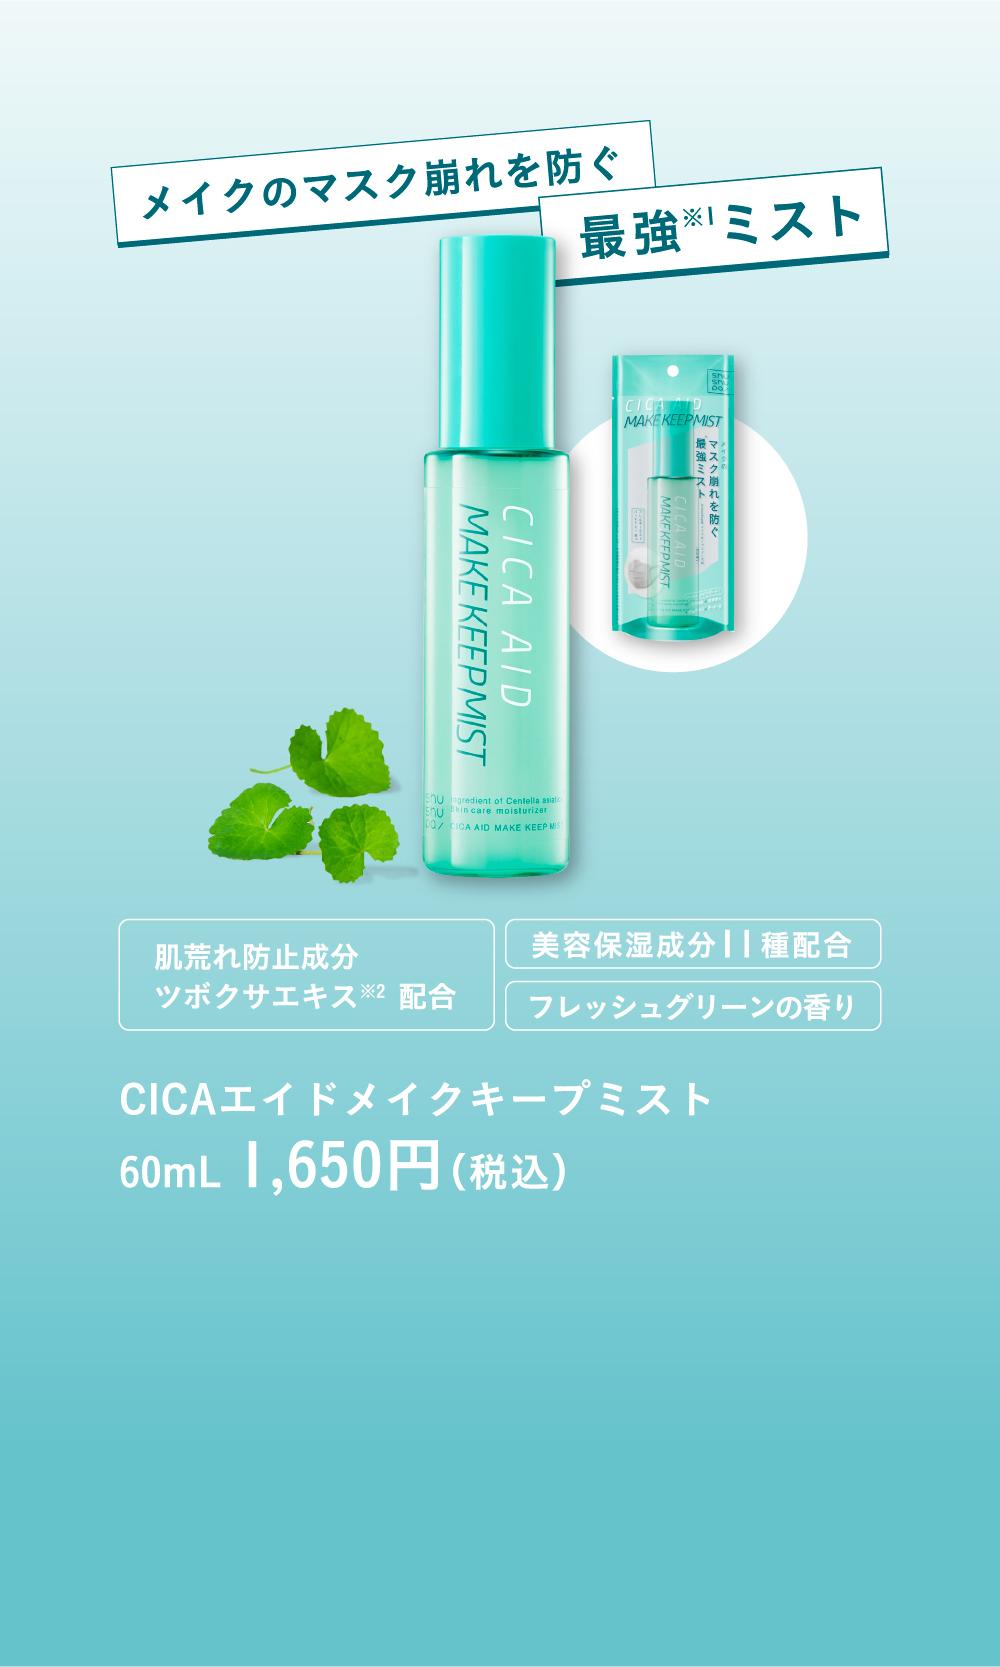 CICAエイドメイクキープミスト 60mL 1,650円(税込)